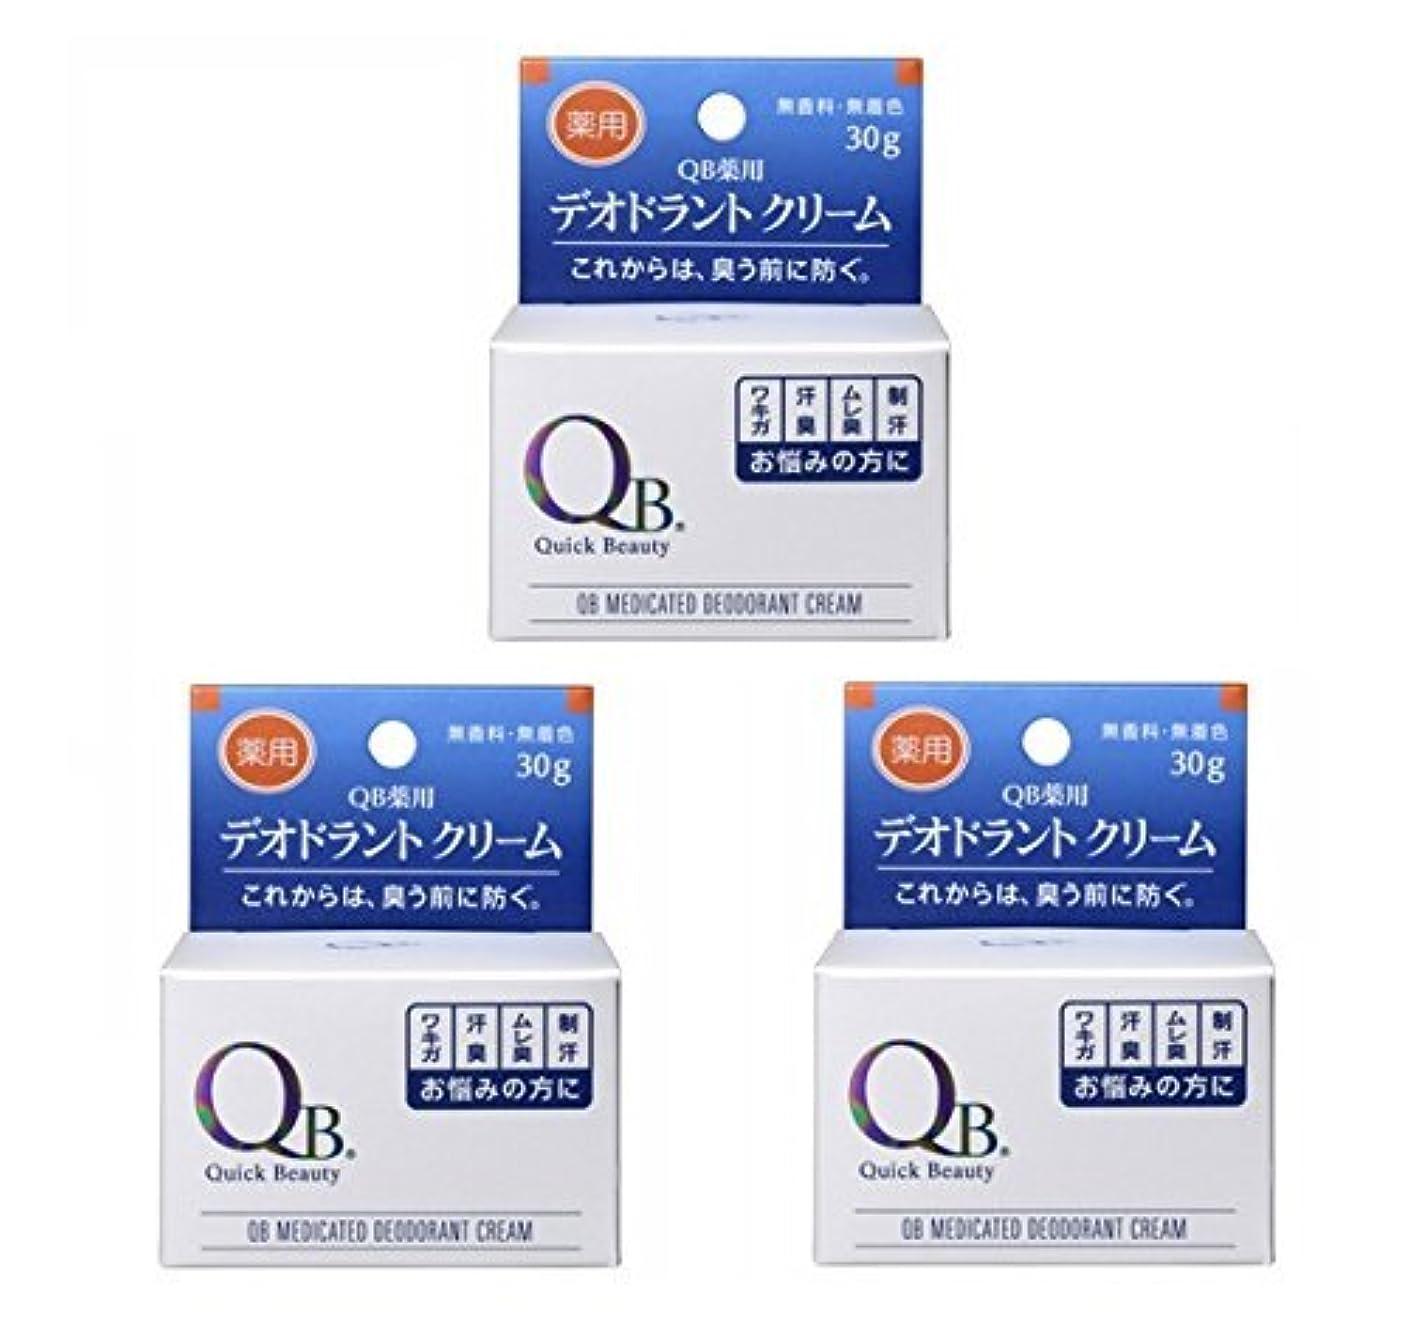 お酢可能耐えられるQB薬用デオドラントクリーム 30g×3個セット